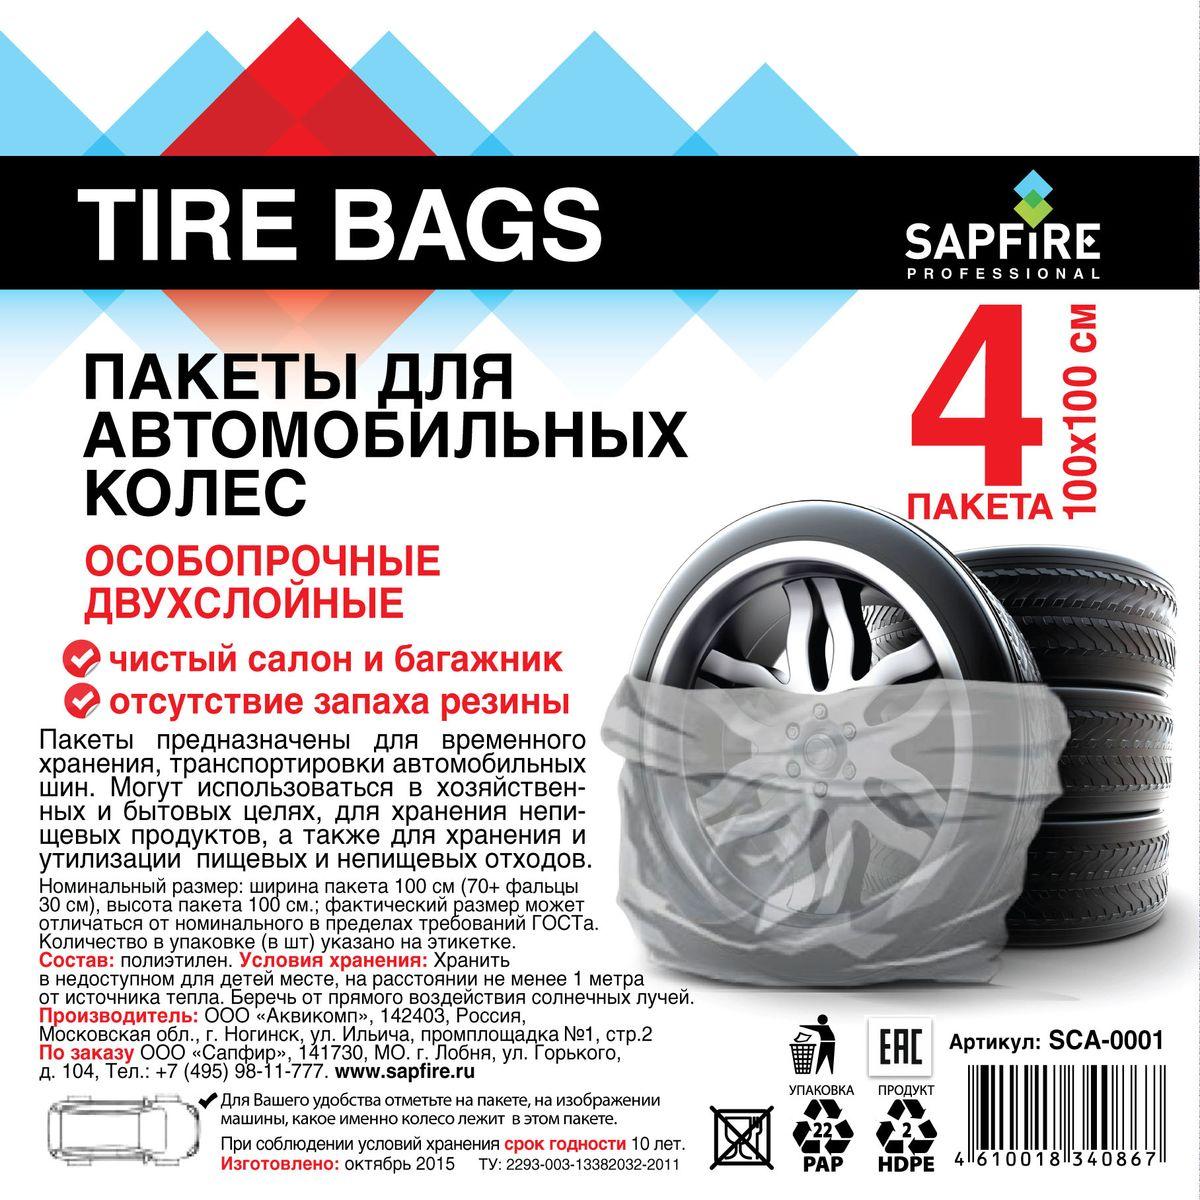 Пакеты для автомобильных колес